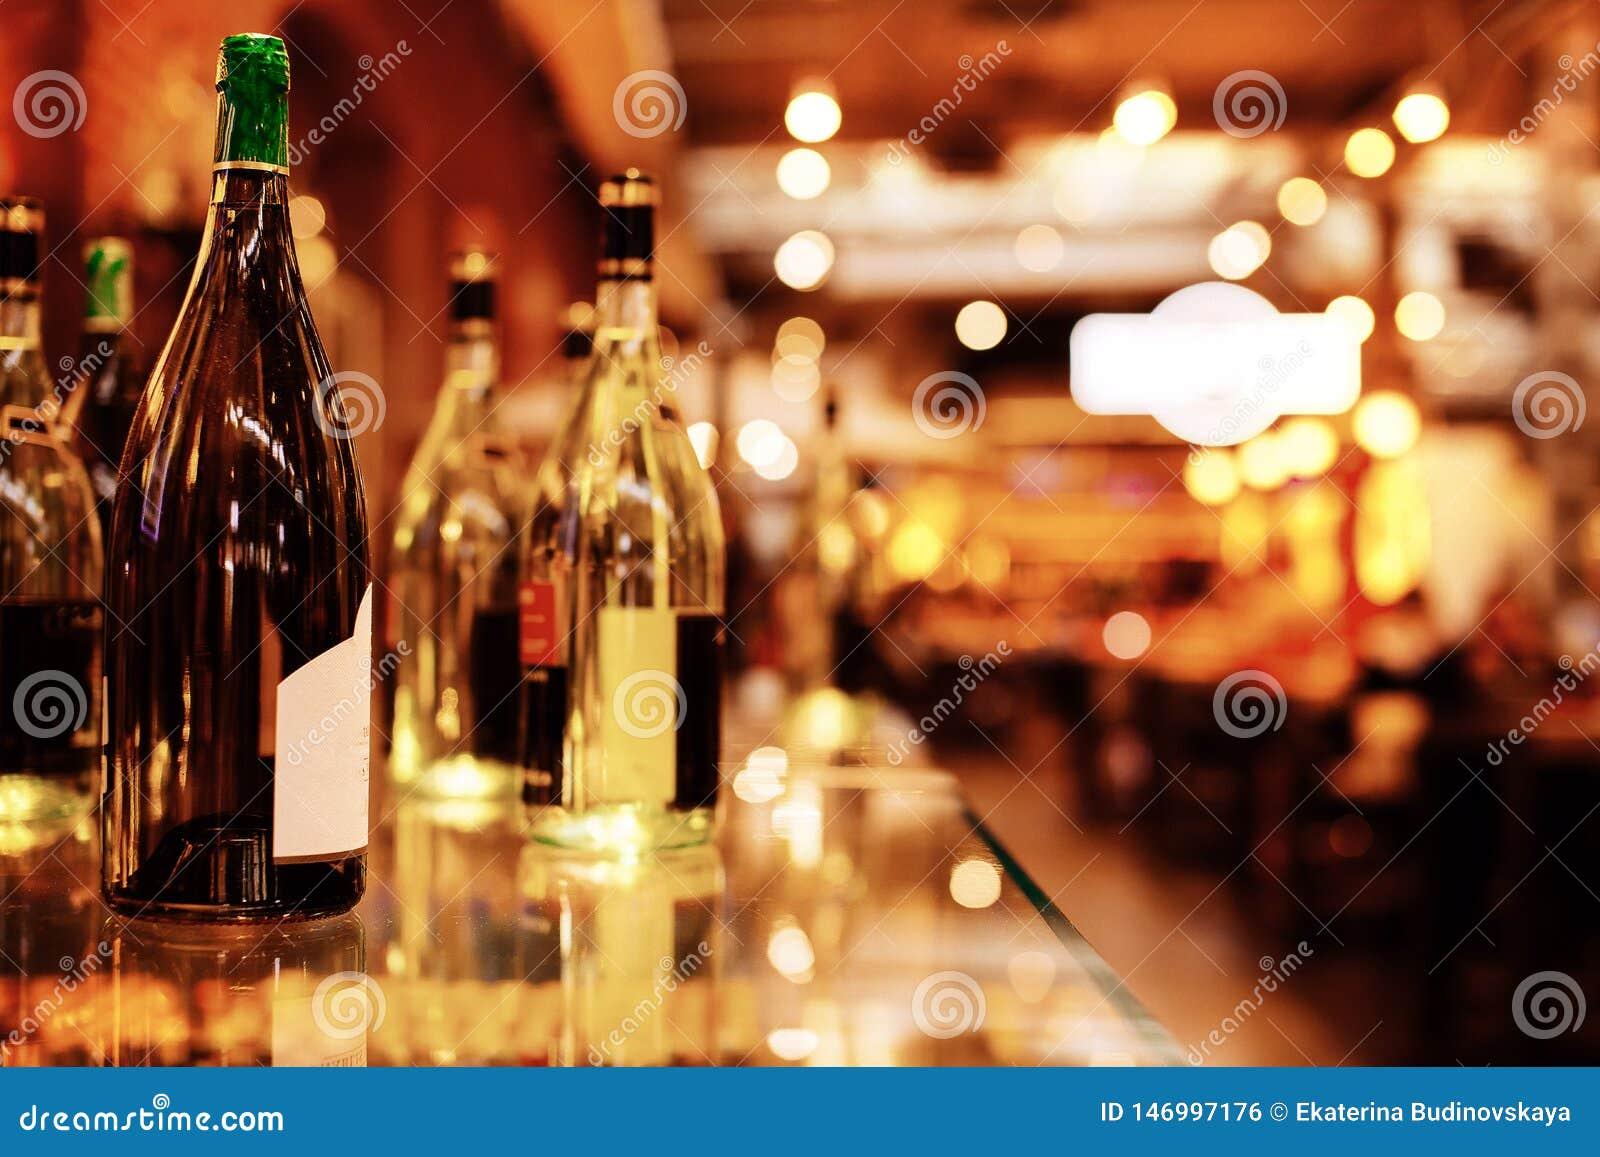 Butelki na barze